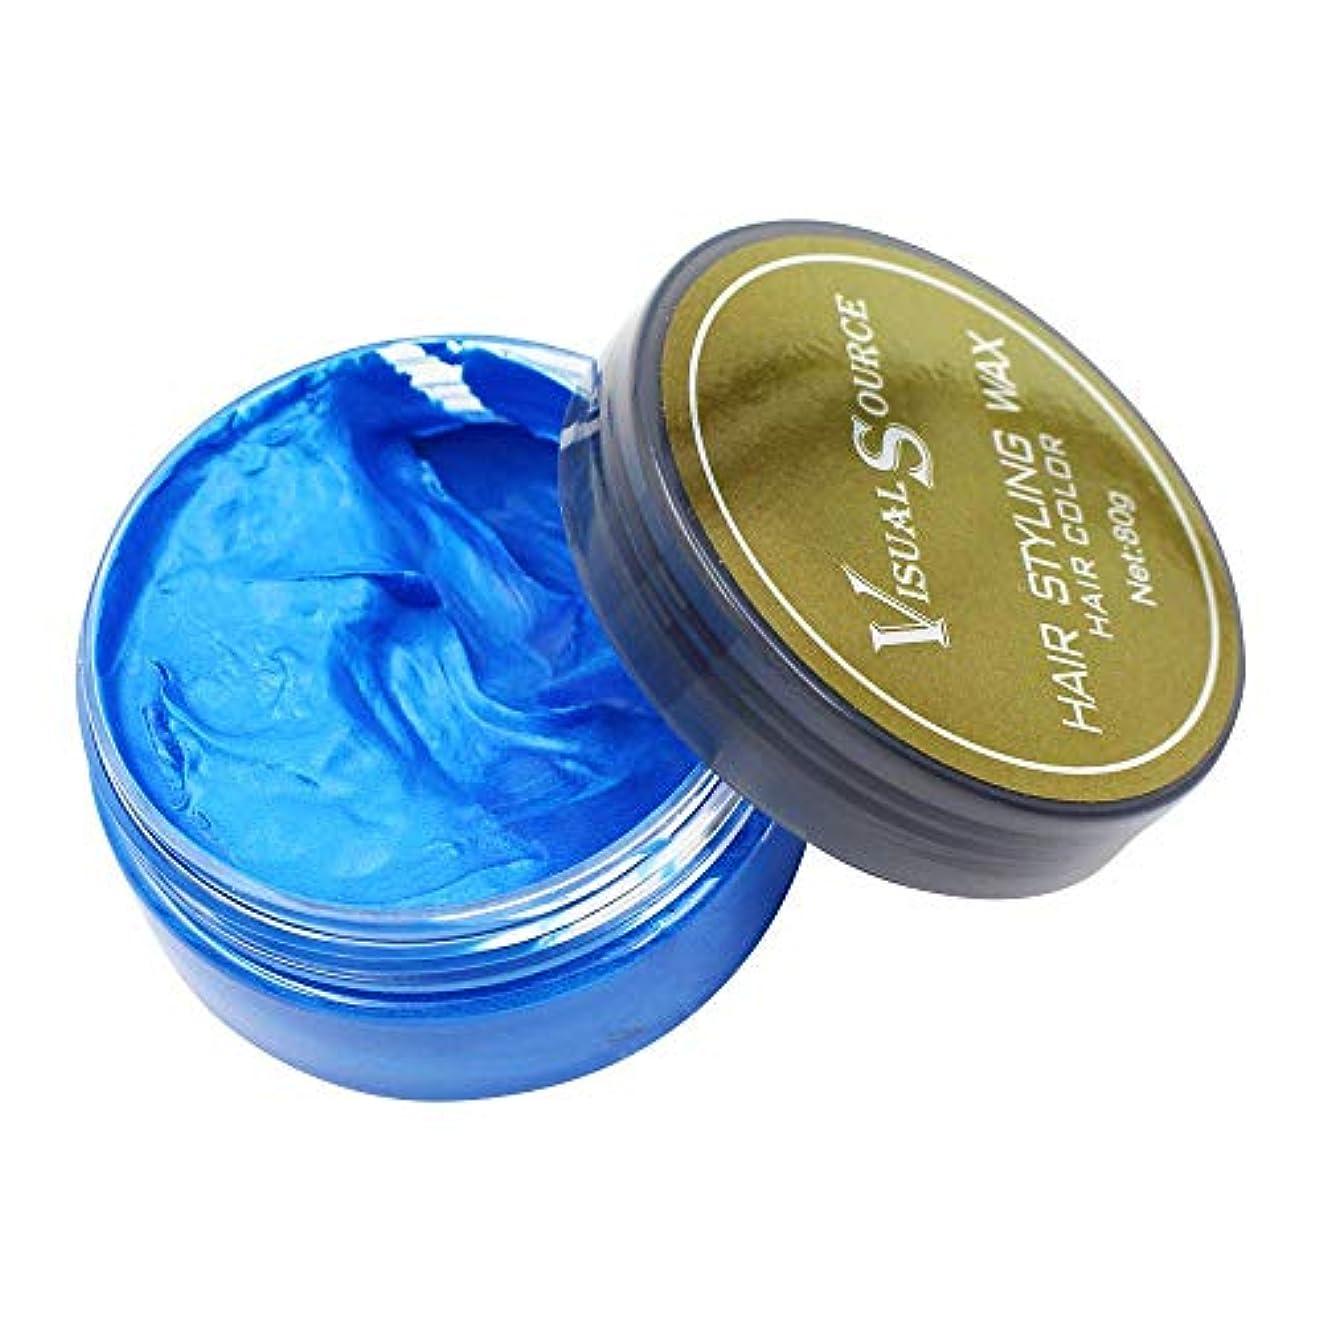 ブート風邪をひく毒液女性と男性のロックスター効果、ヘアスタイリングポマード - ミディアムファームホールド - イージースタイリングのためのヘアワックス染料ナチュラルカラー (青)